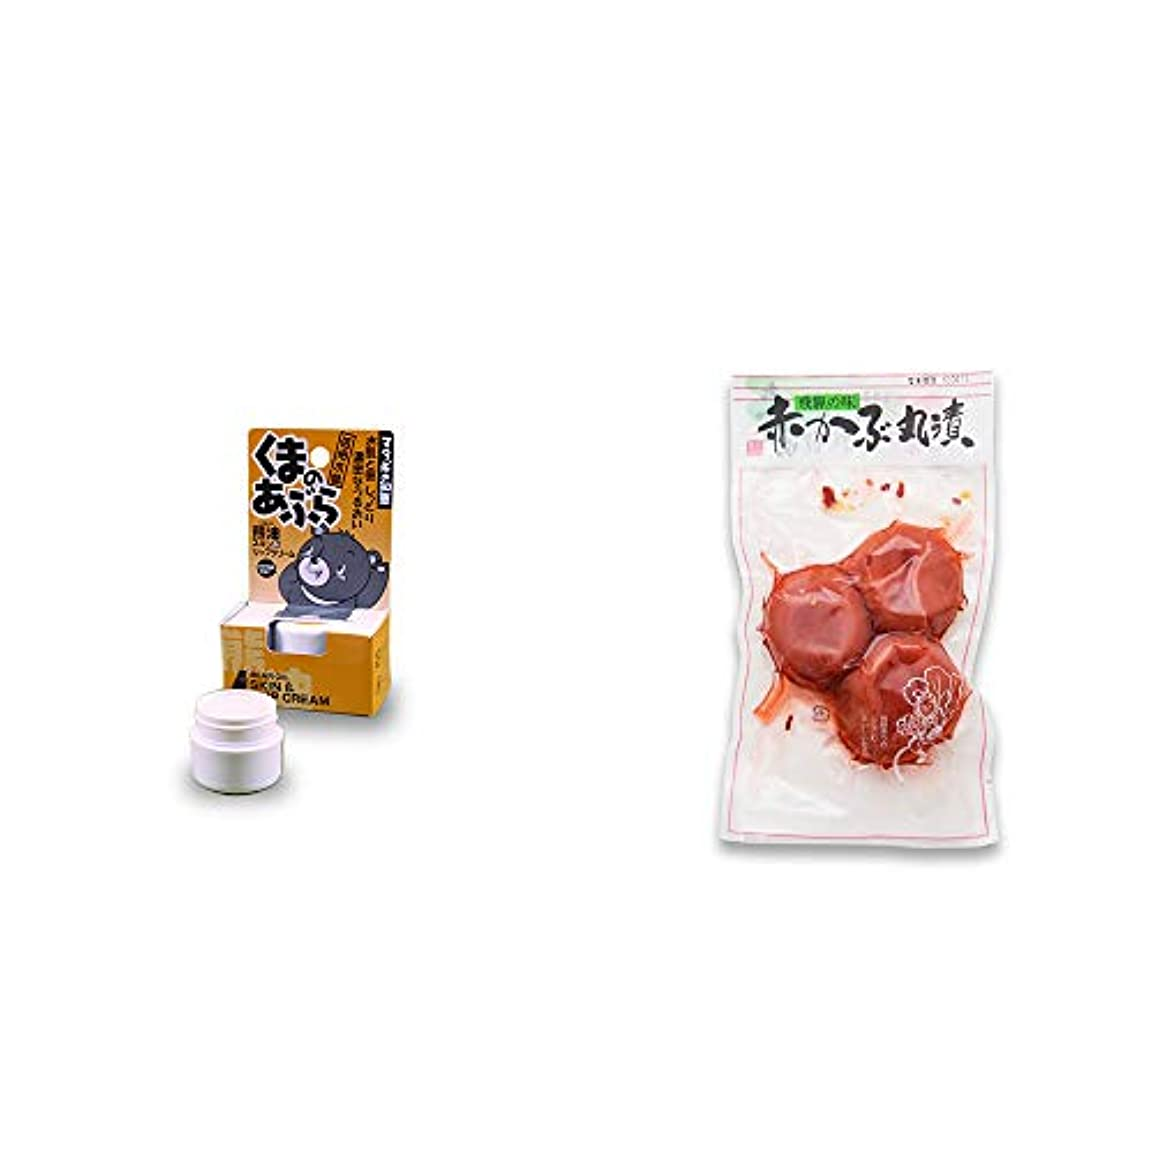 フィッティング不測の事態請願者[2点セット] 信州木曽 くまのあぶら 熊油スキン&リップクリーム(9g)?赤かぶ丸漬け(150g)